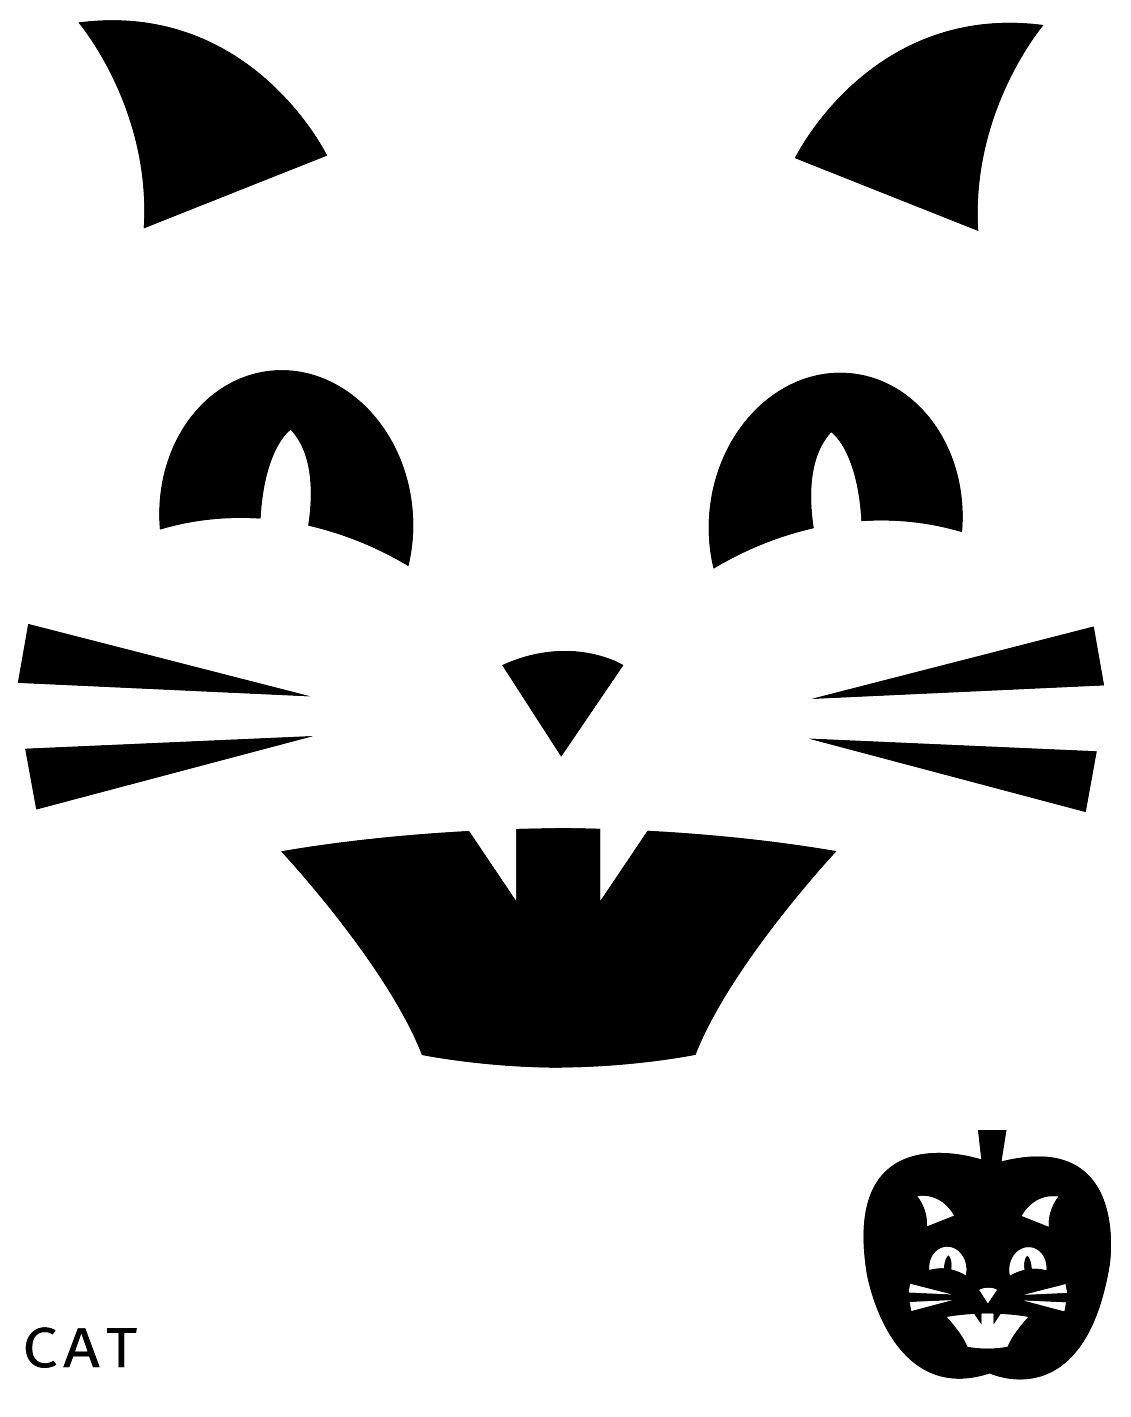 Cat Pumpkin Carving Template | Halloween | Halloween Pumpkins - Free Pumpkin Carving Templates Printable